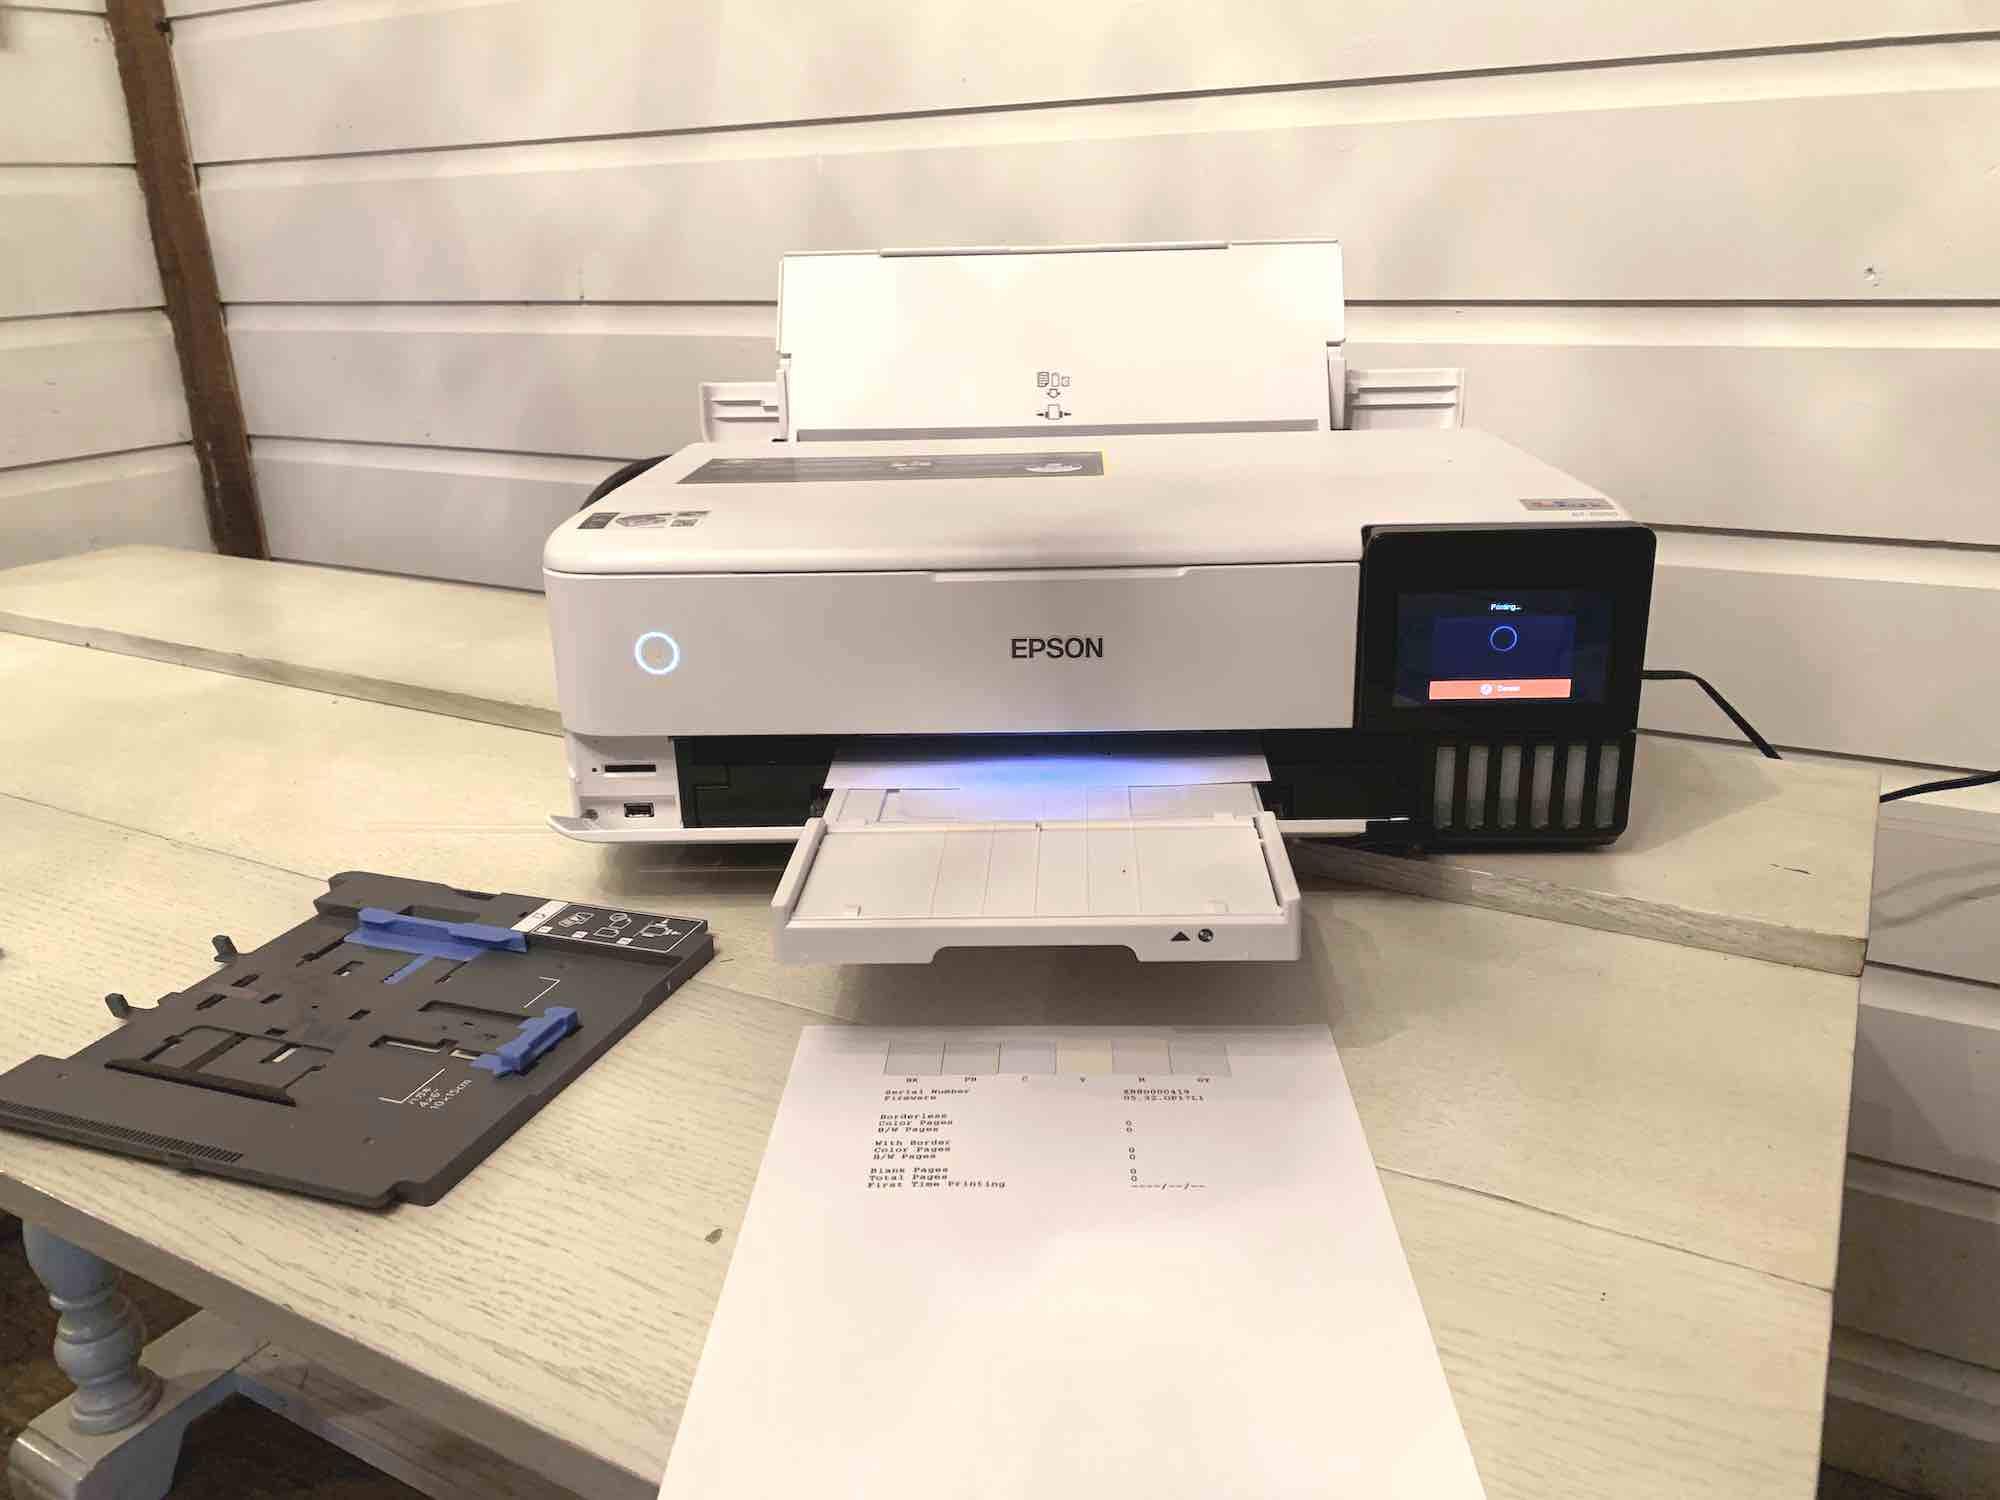 epson ecotank printer review